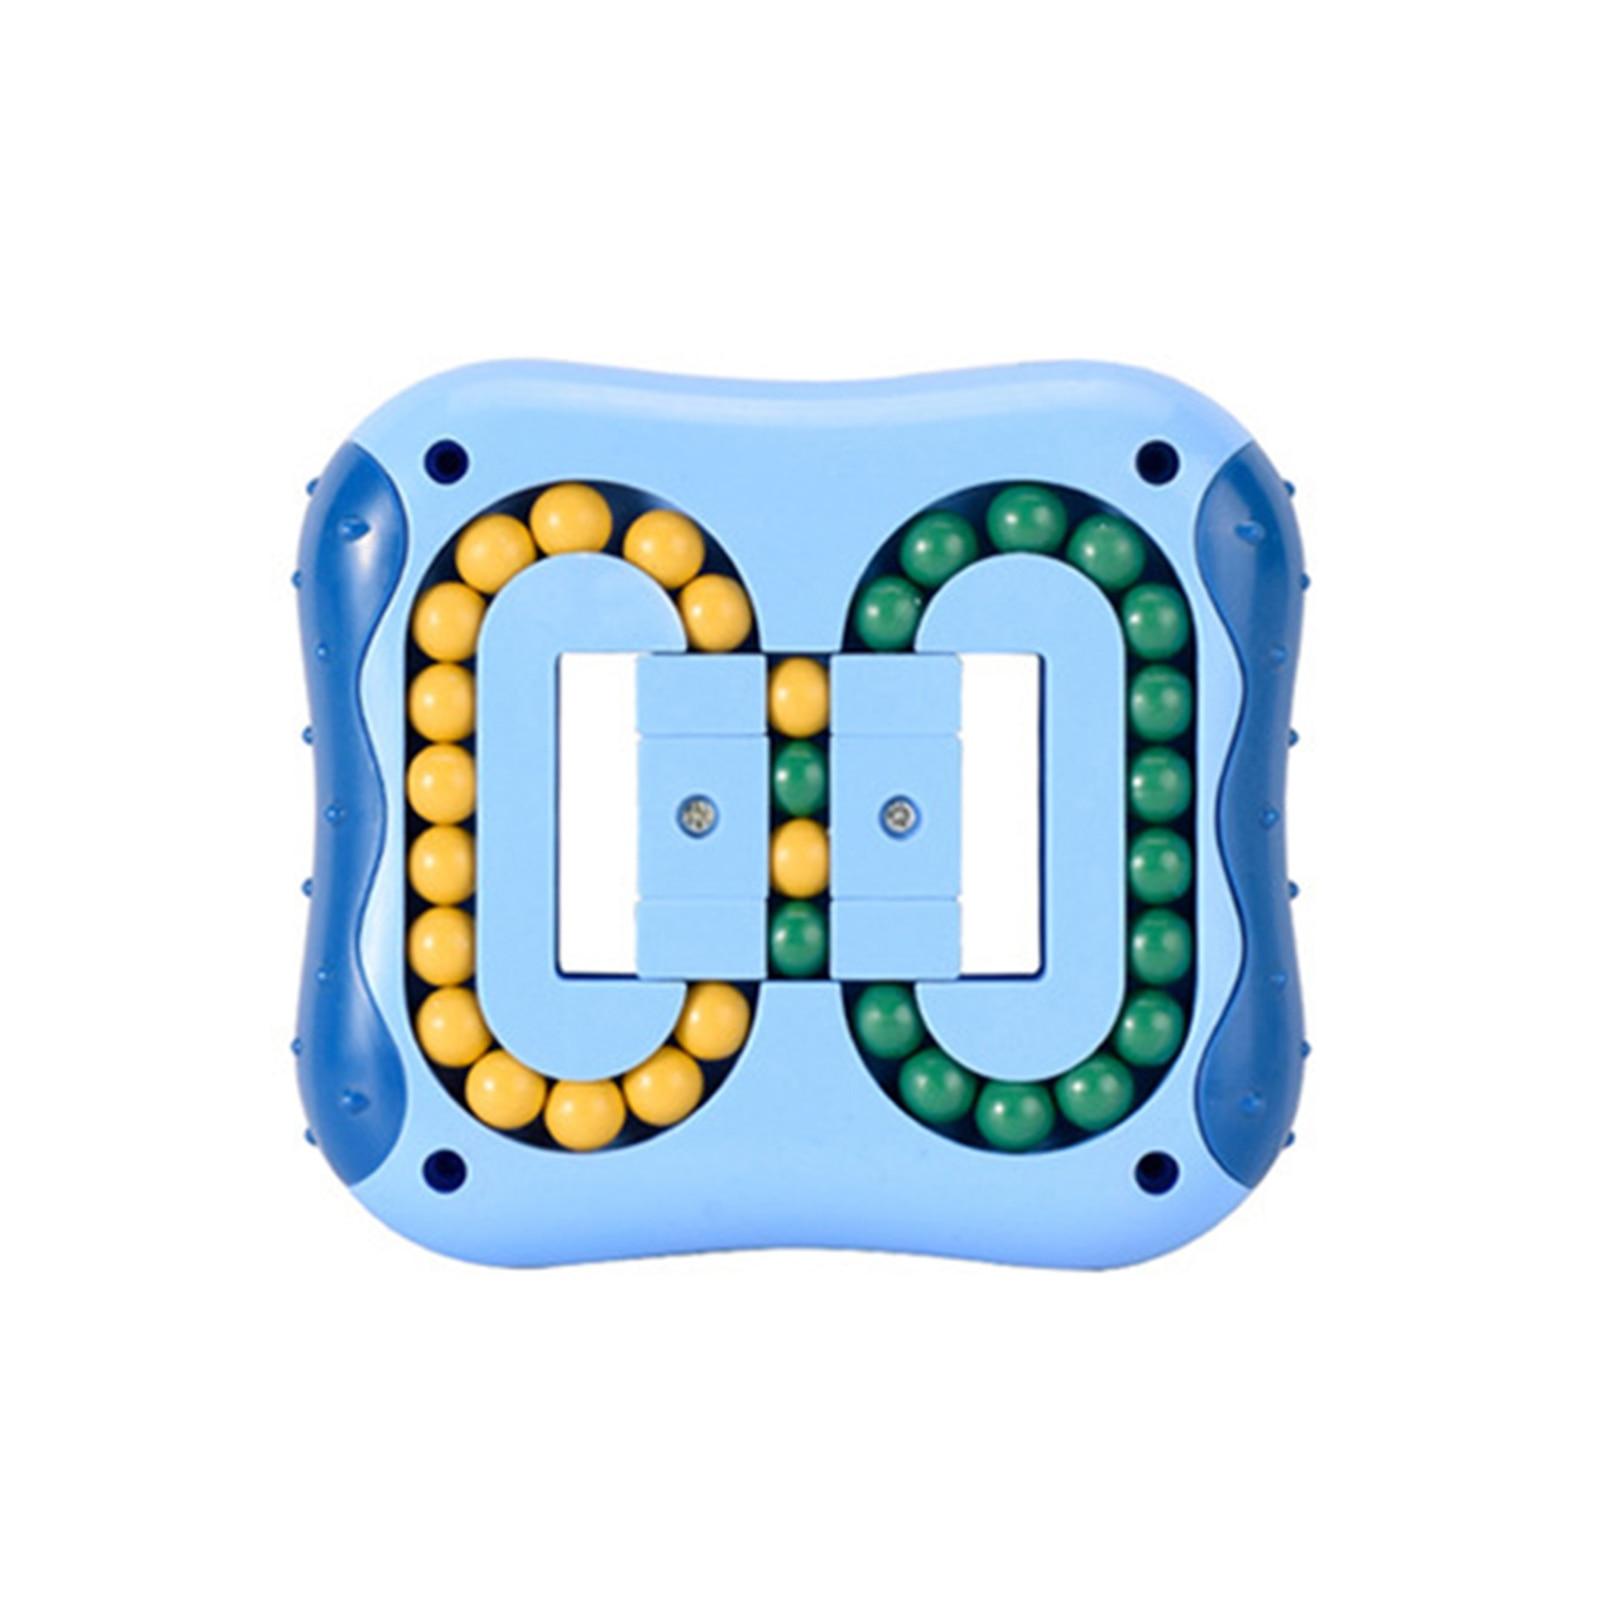 Вращающийся волшебный кубик для пальцев детский гироскоп для пальцев магический диск обучающая игрушка-кубик